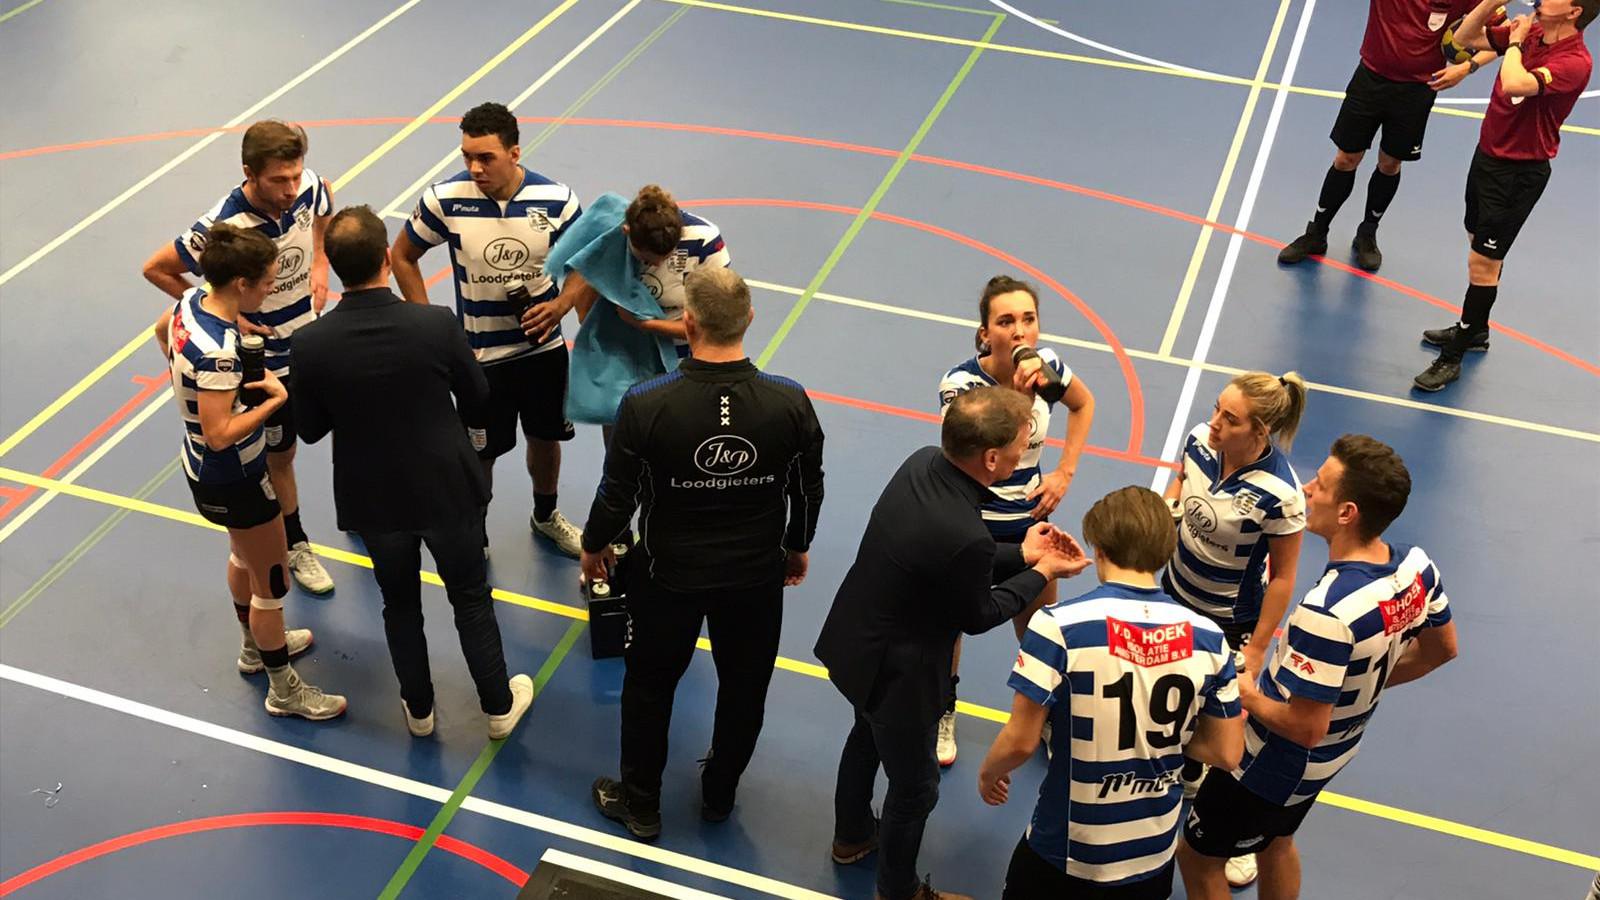 NH Sport/Edward Dekker